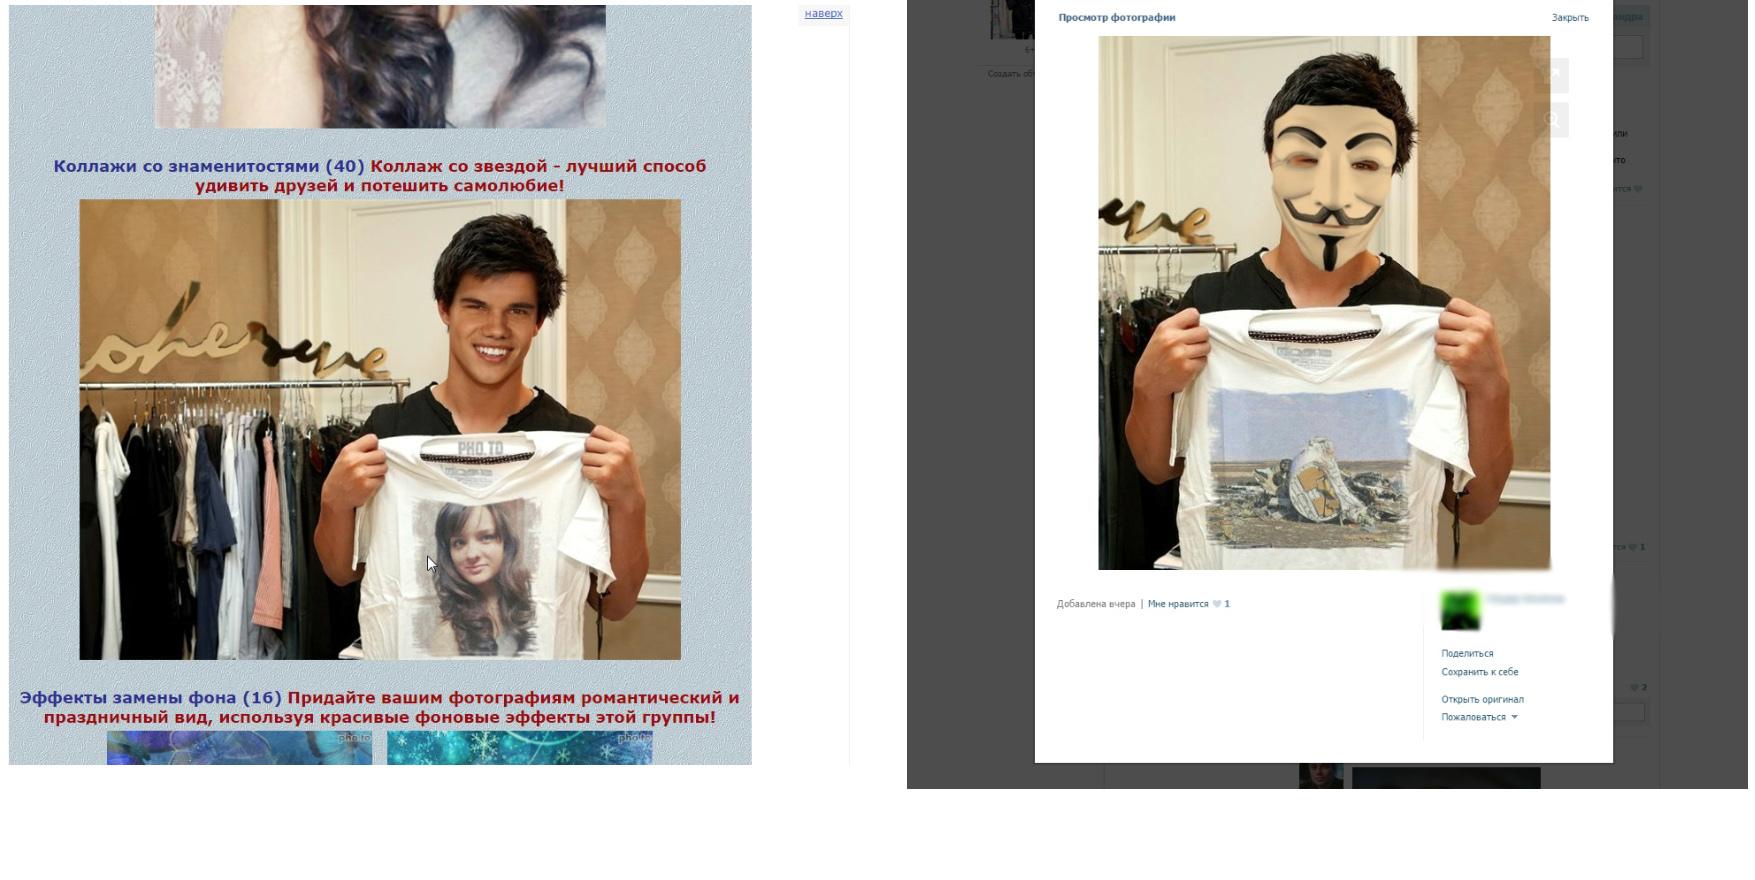 Коллаж: скриншоты сайтов pho.to/ru и vk.com